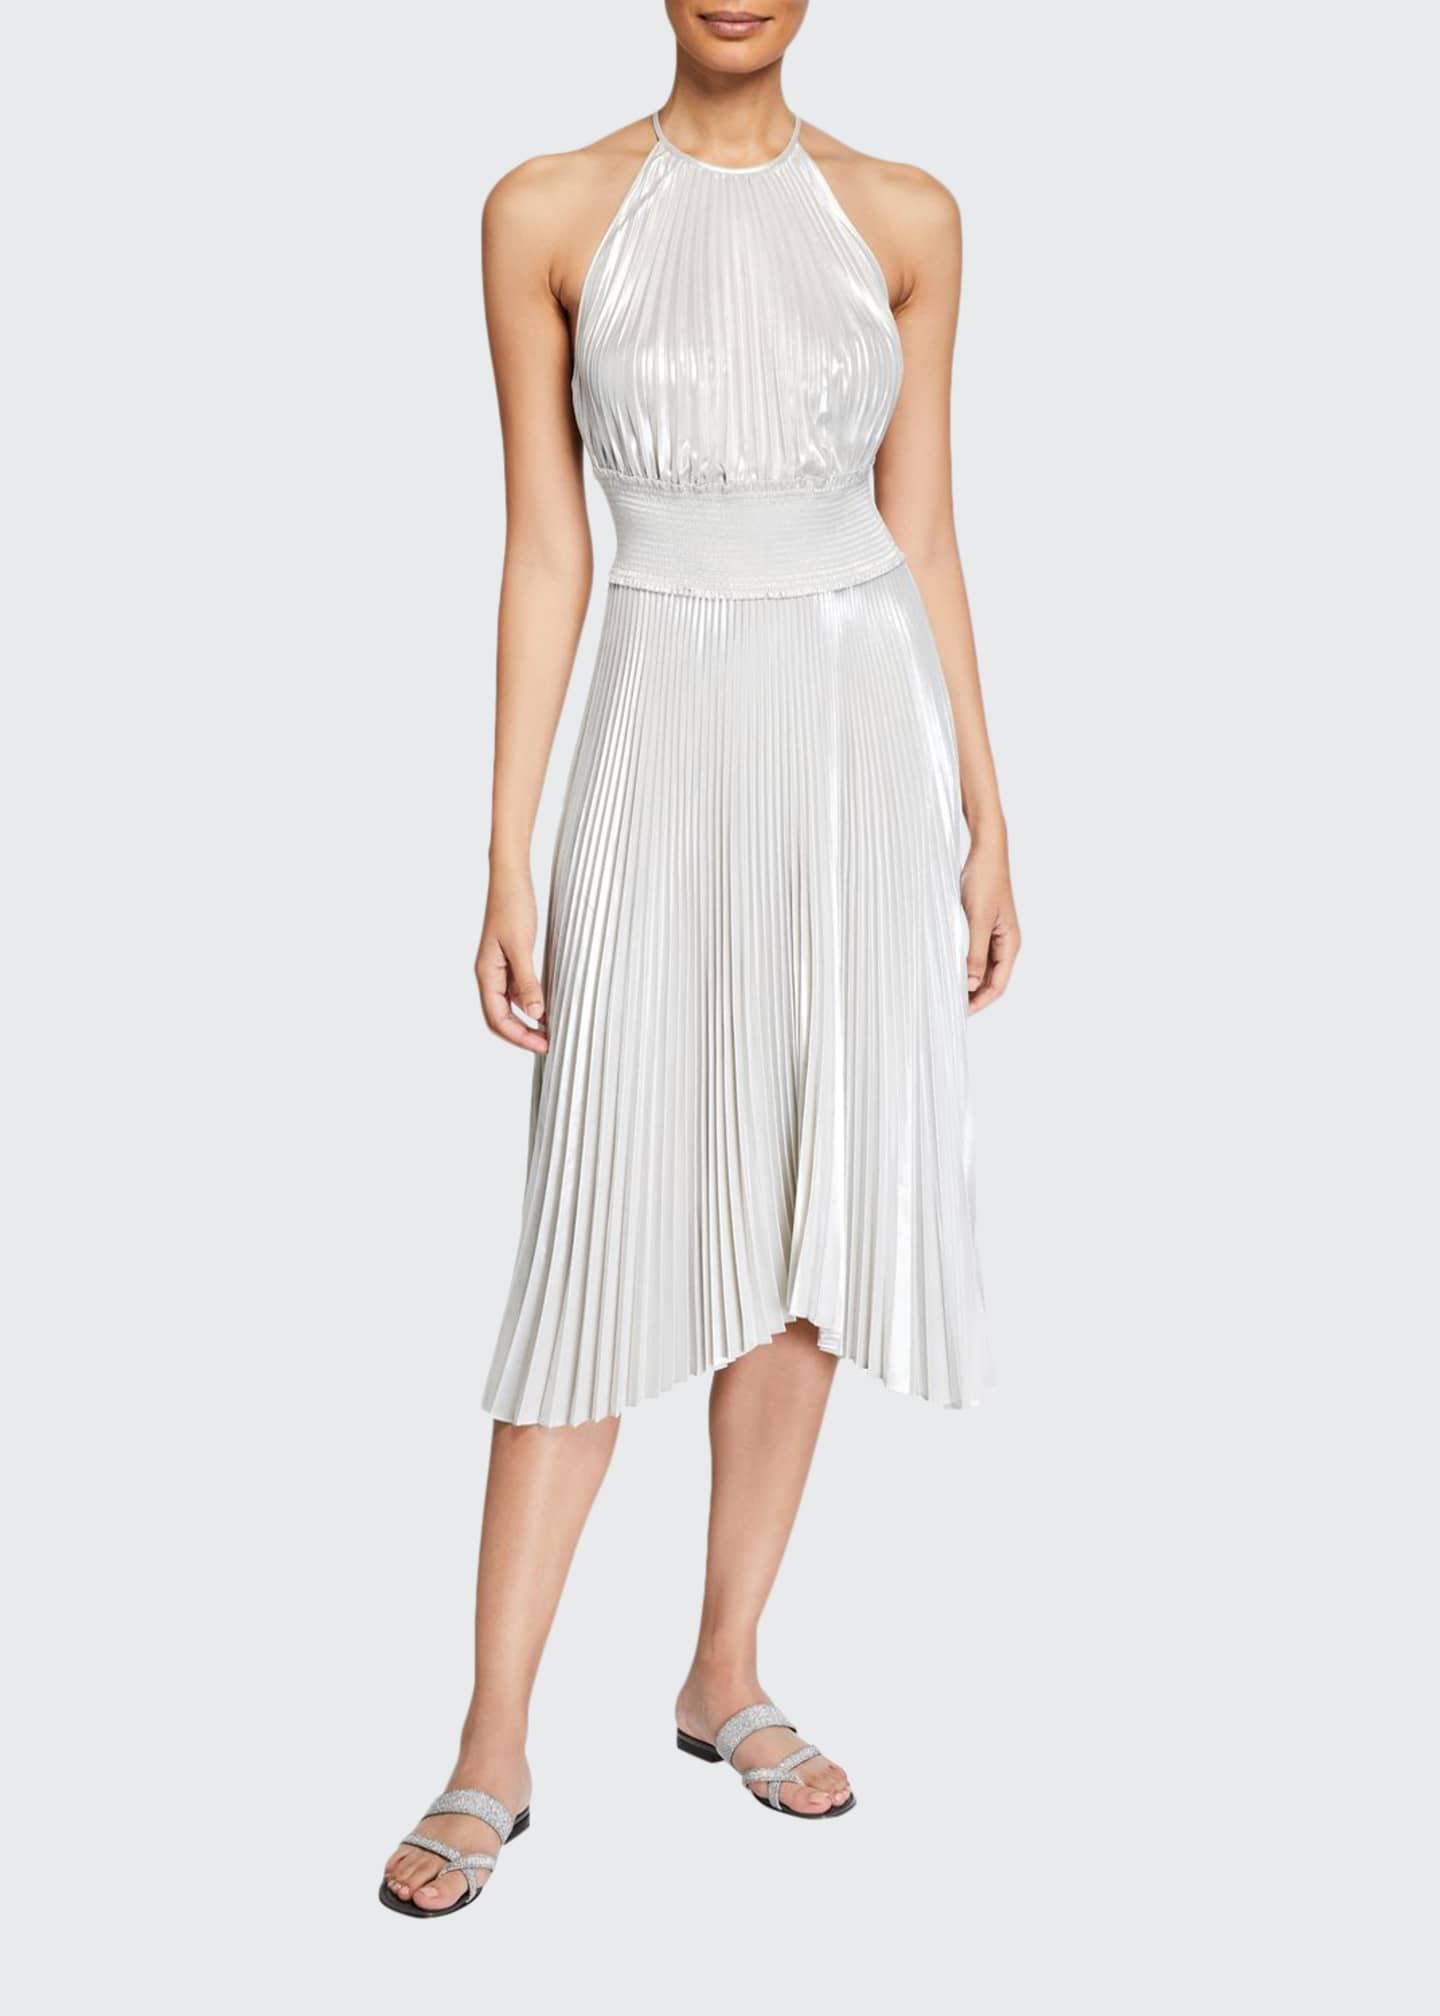 A.L.C. Weston Pleated Metallic Cocktail Dress